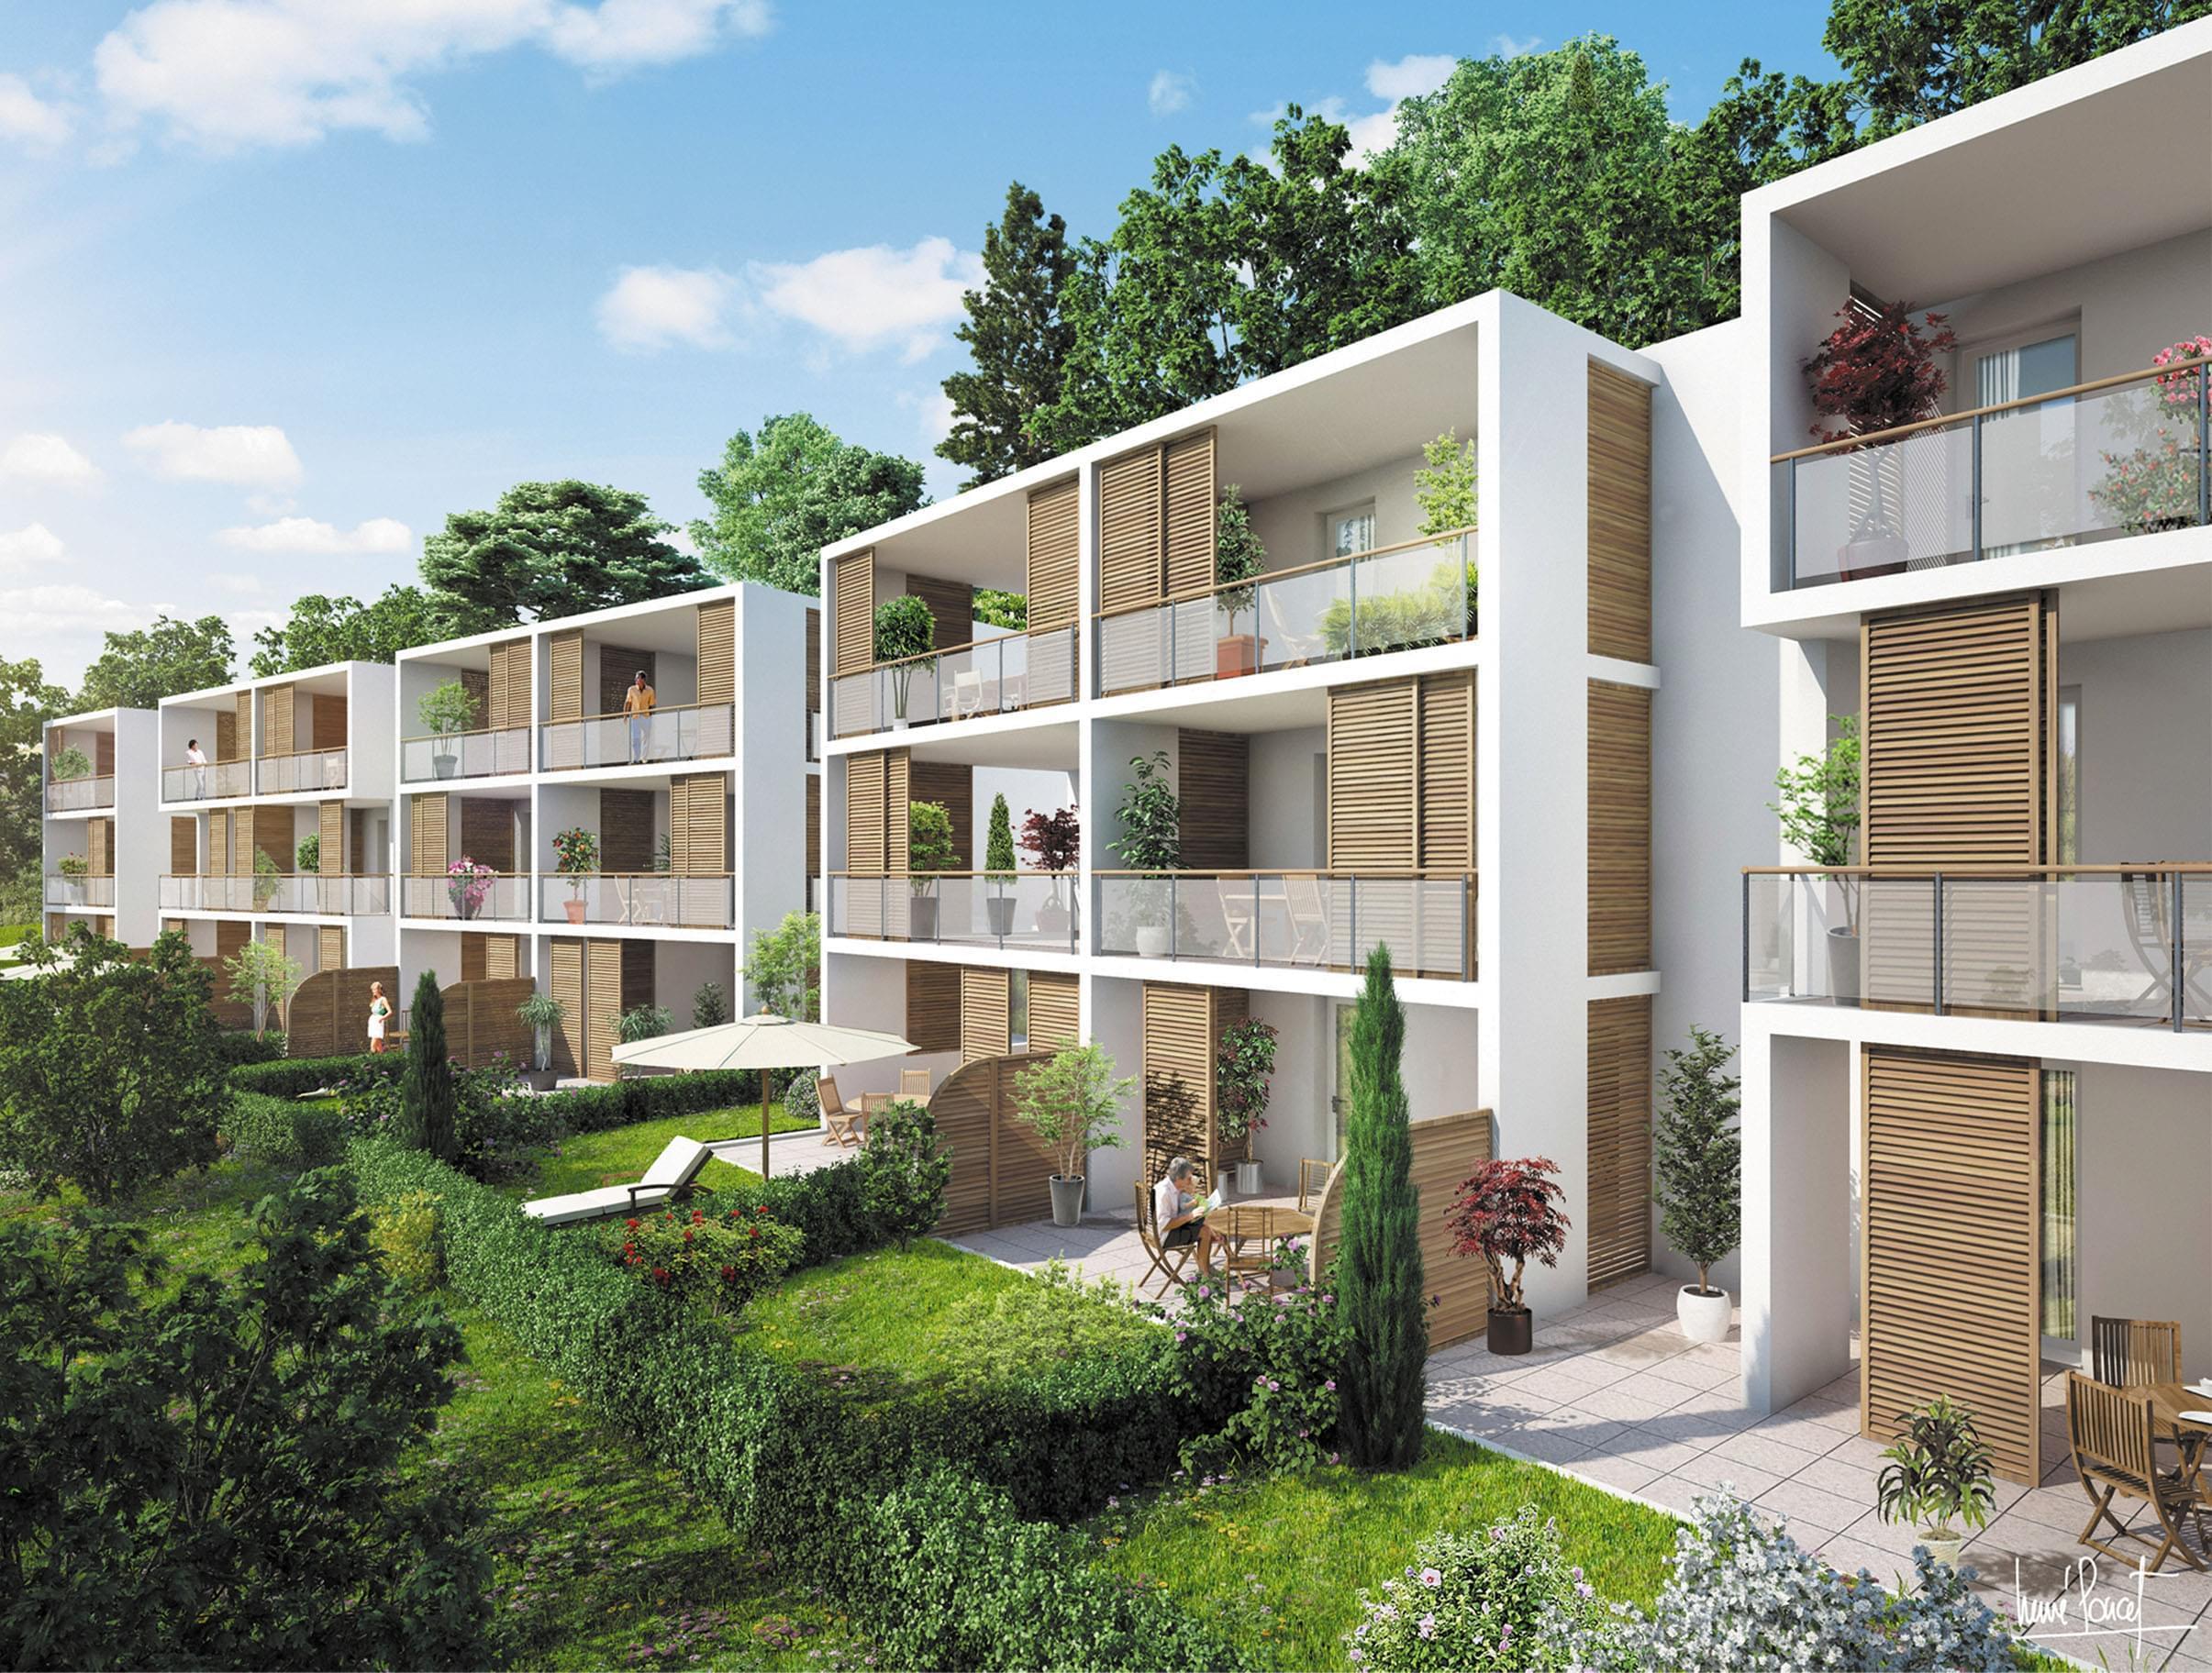 Résidence à Francheville Carrelage grand format Porcelanosa, Parquet dans les chambres, Chauffage gaz individuel,